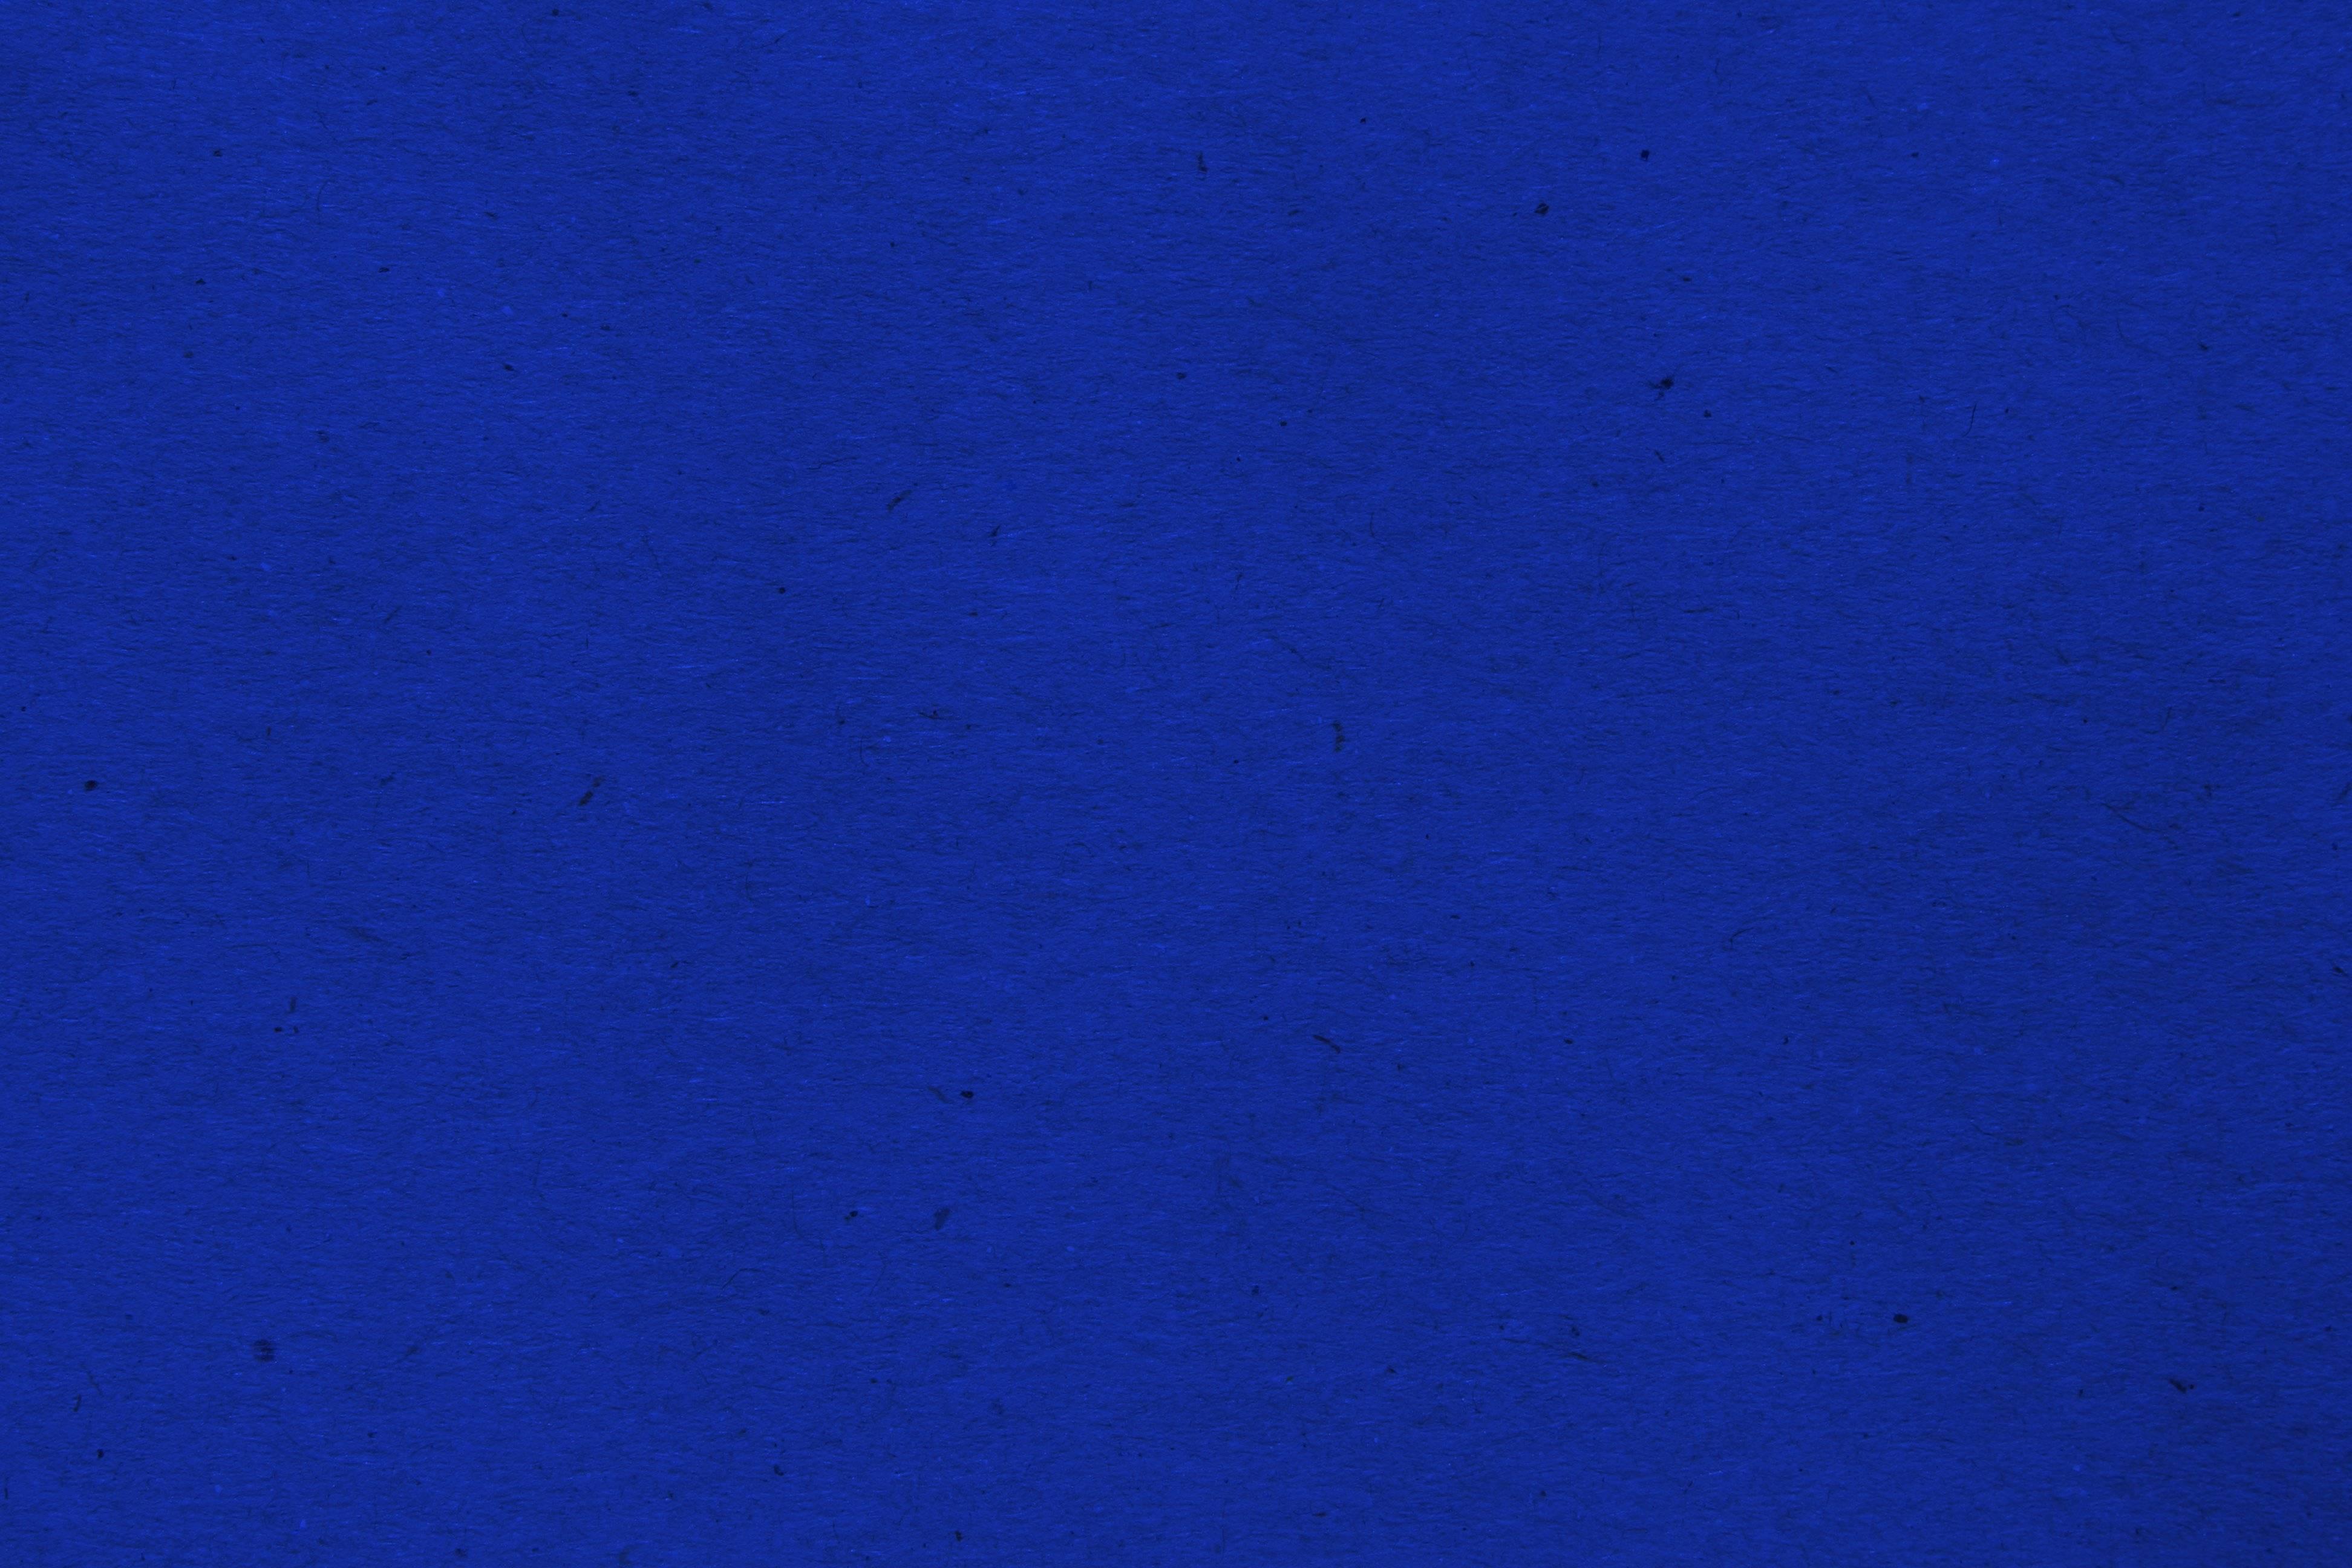 Deep Blue Backgrounds 3888x2592